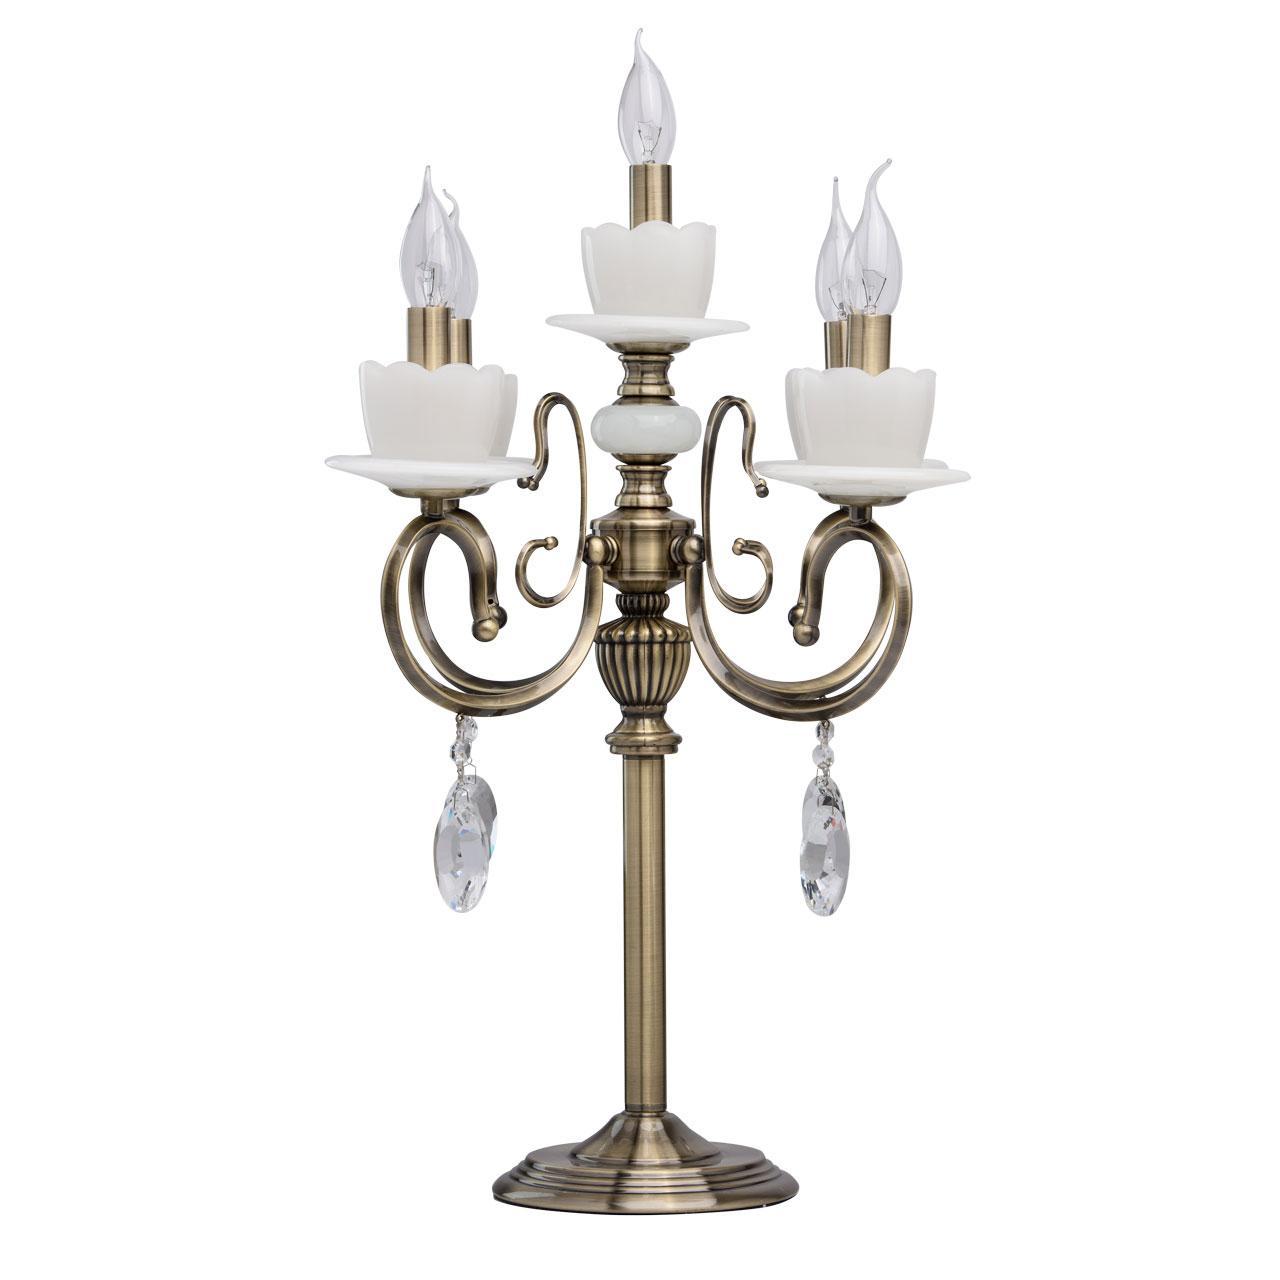 Купить со скидкой Настольная лампа mw-Light свеча